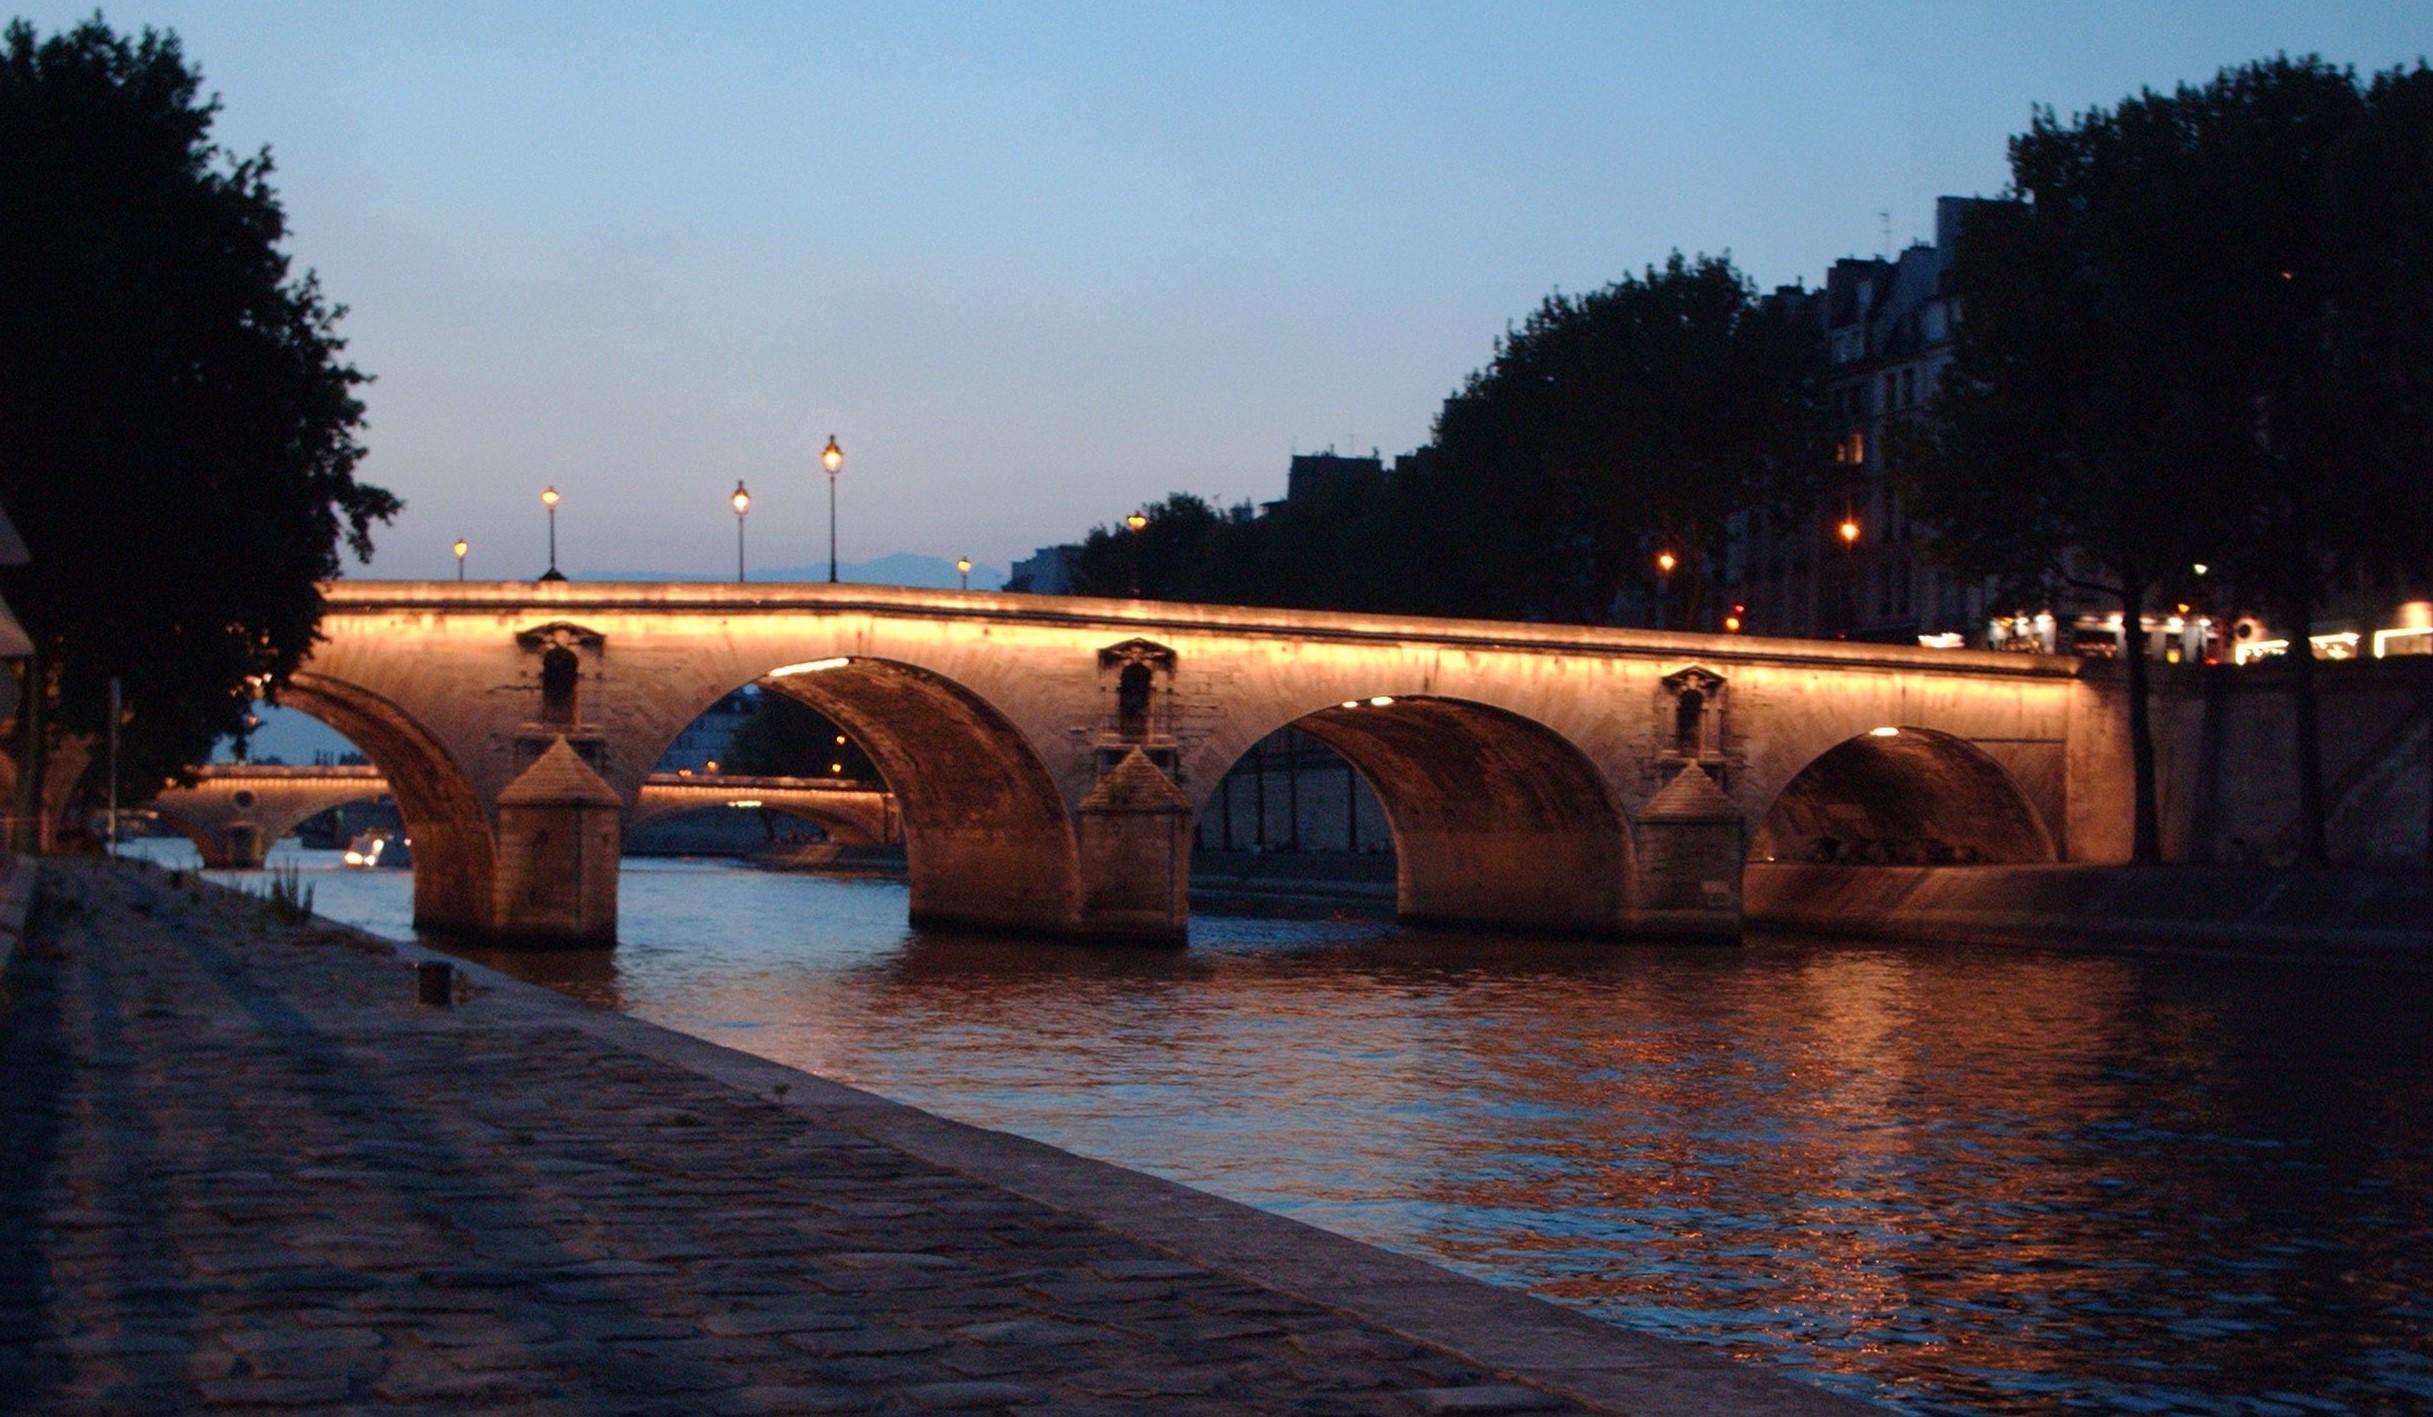 Мост Мари, Париж | 10 волшебных мест, где исполняются заветные желания | Brain Berries